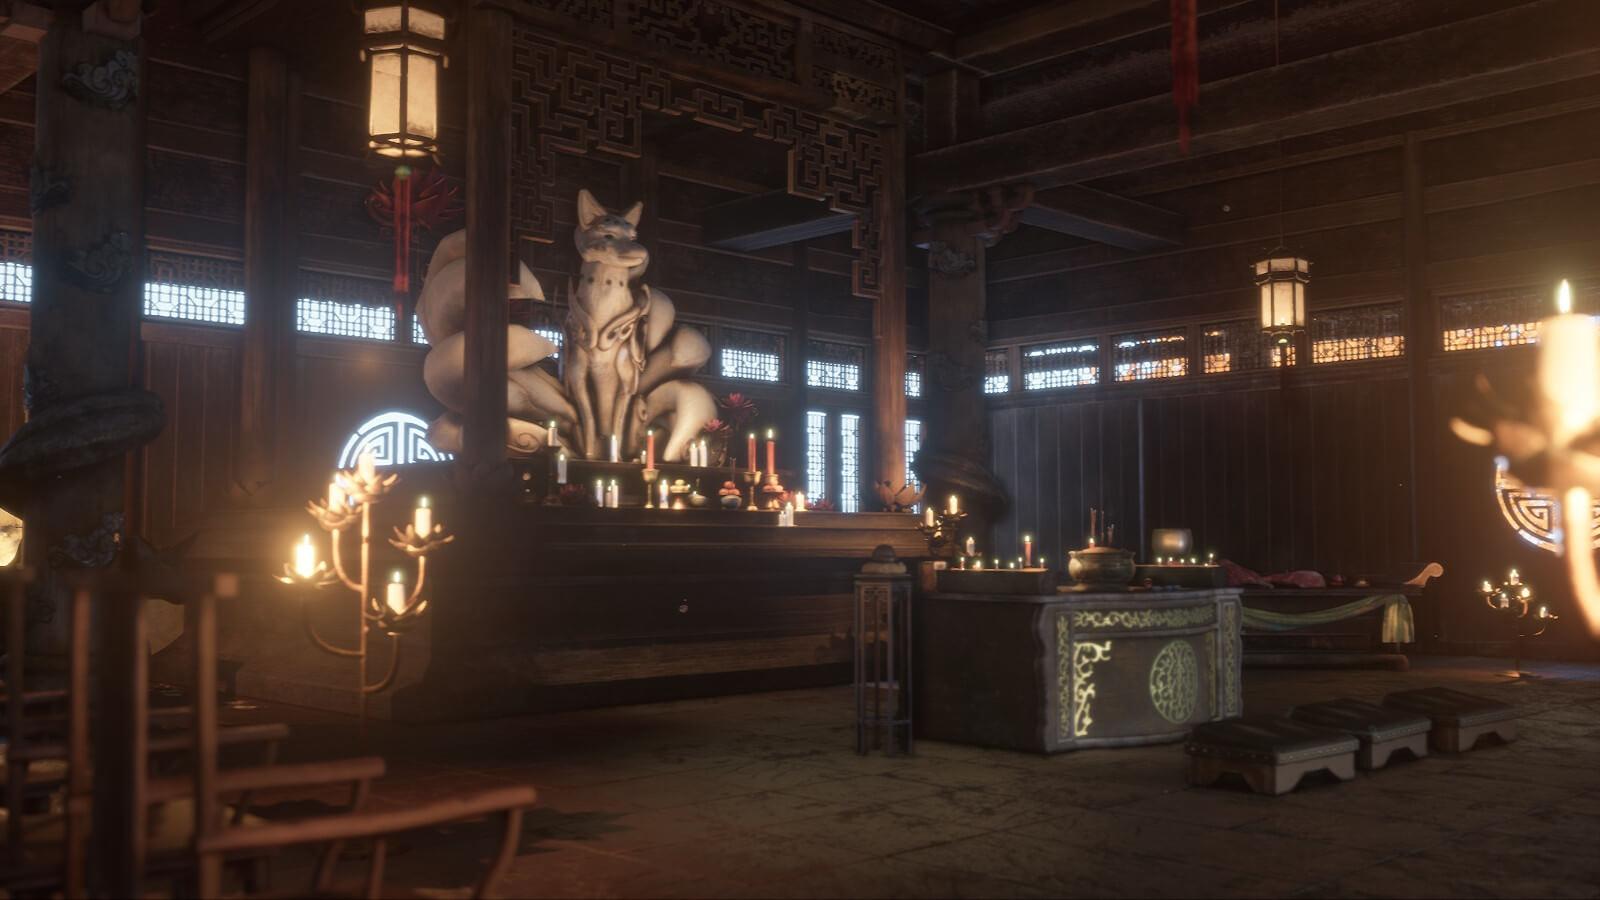 Fox statue in a temple interior